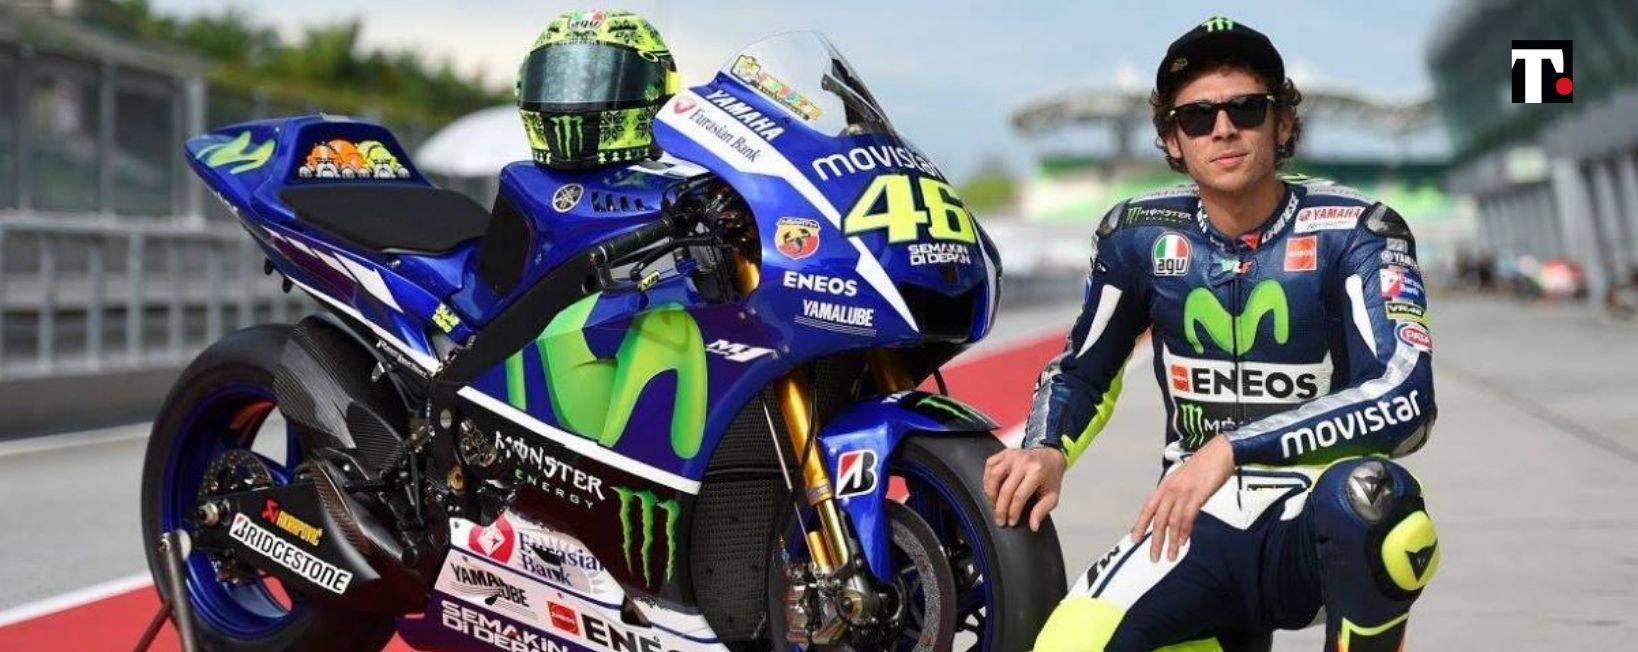 Valentino Rossi ultima gara in Italia